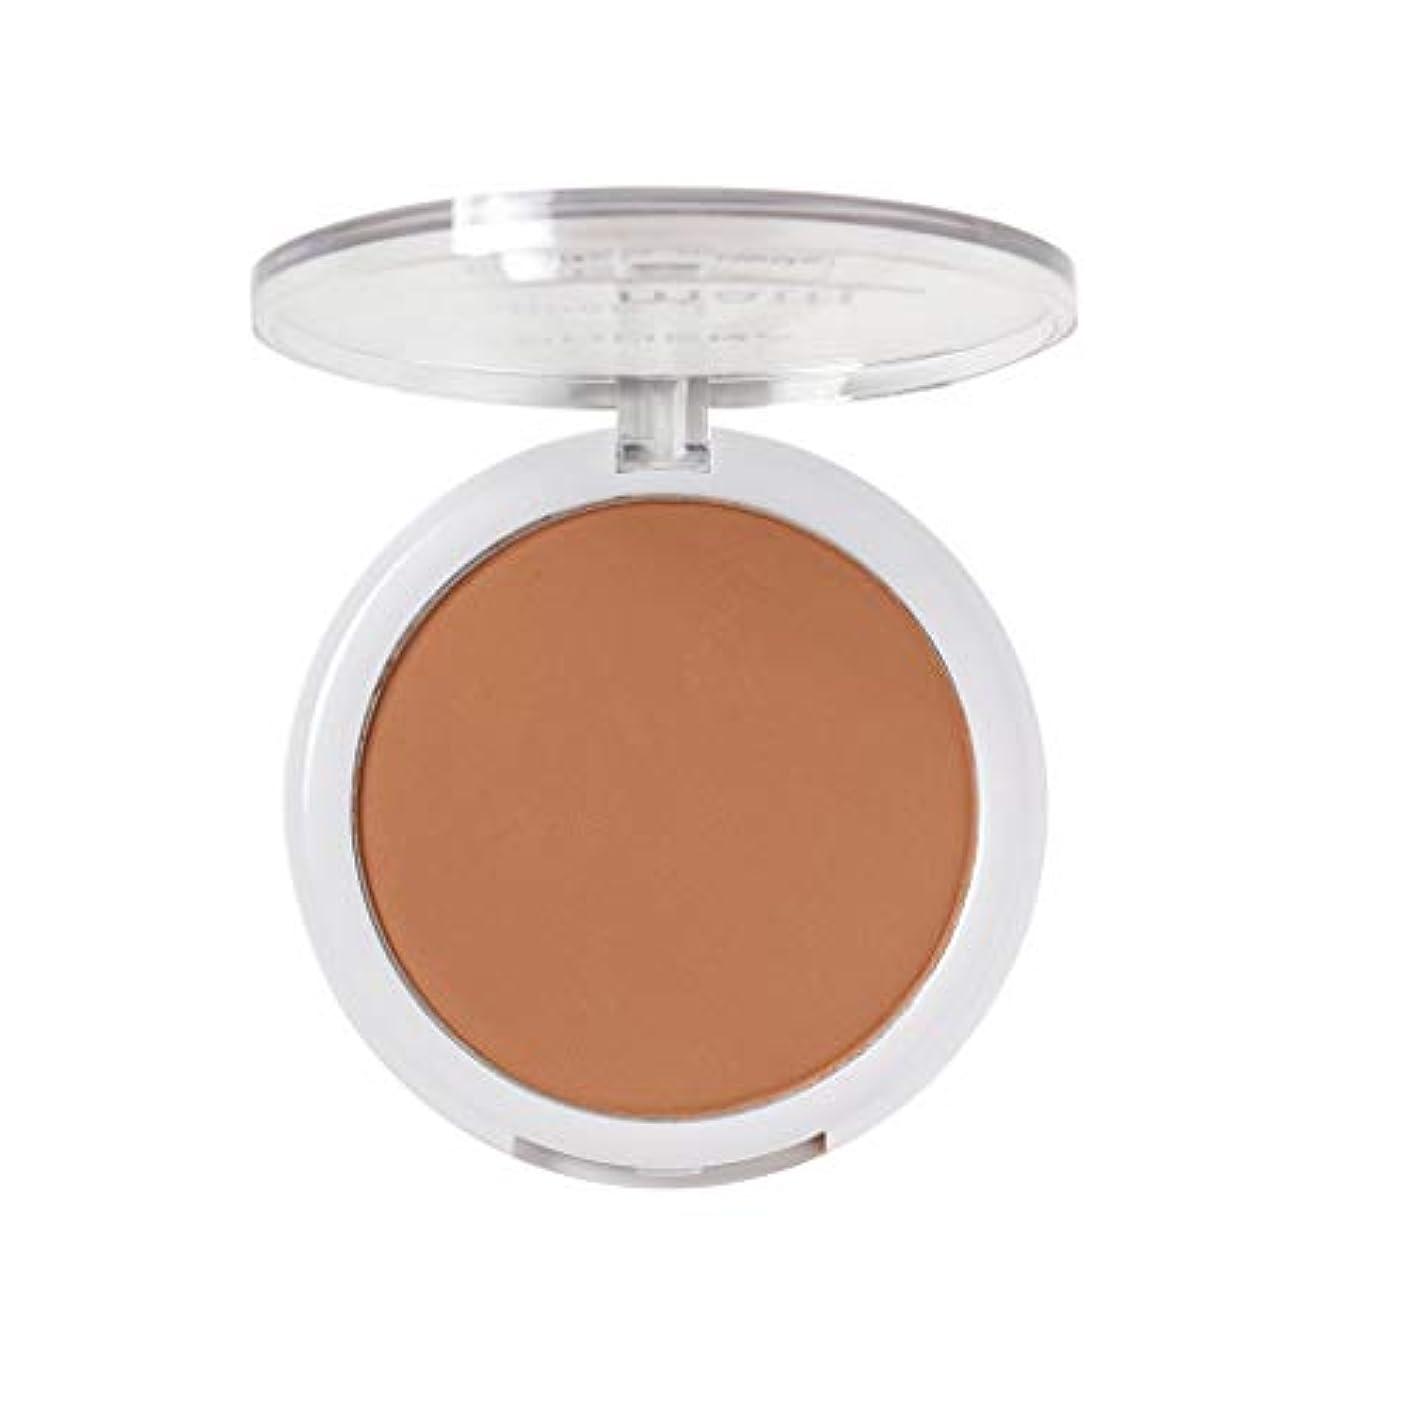 コンシーラー フェイスパウダー オイルコントロール ホワイトニング UV対策 日焼け止め 傷跡 UVコンシーラー カバーパーフェクション チップ 化粧品 上質 滑らかな風合い